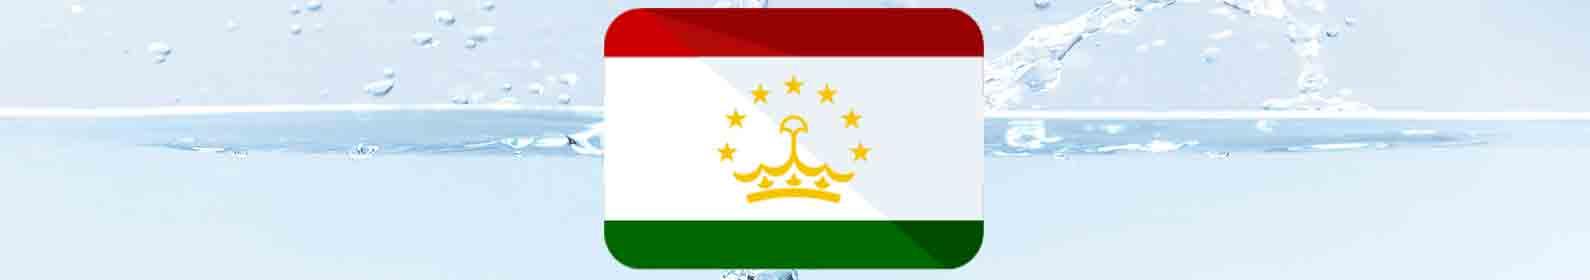 water-treatment-tajikistan.jpg